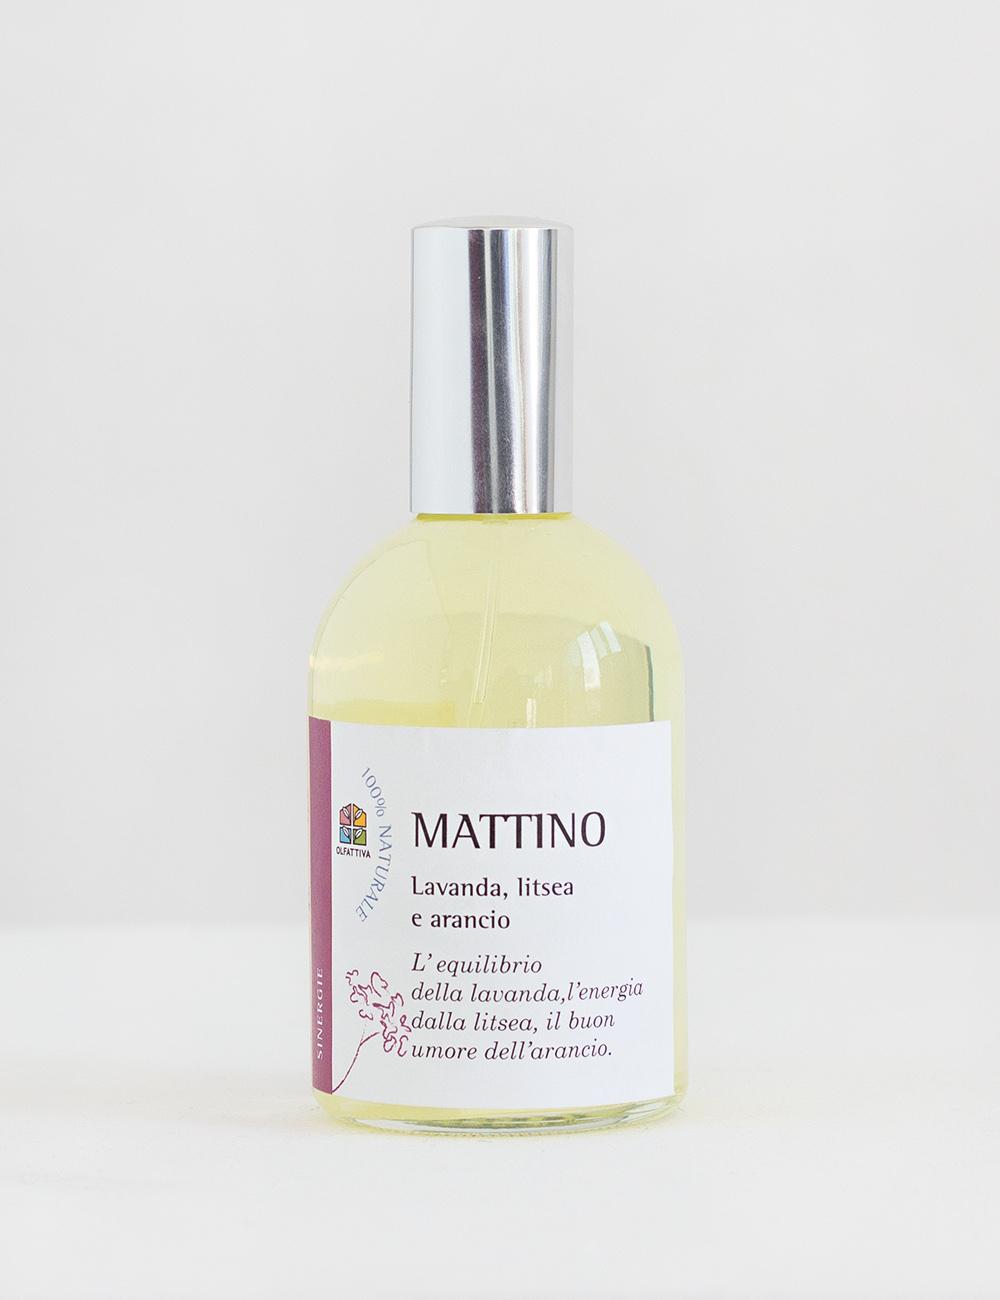 Mattino 115 ml